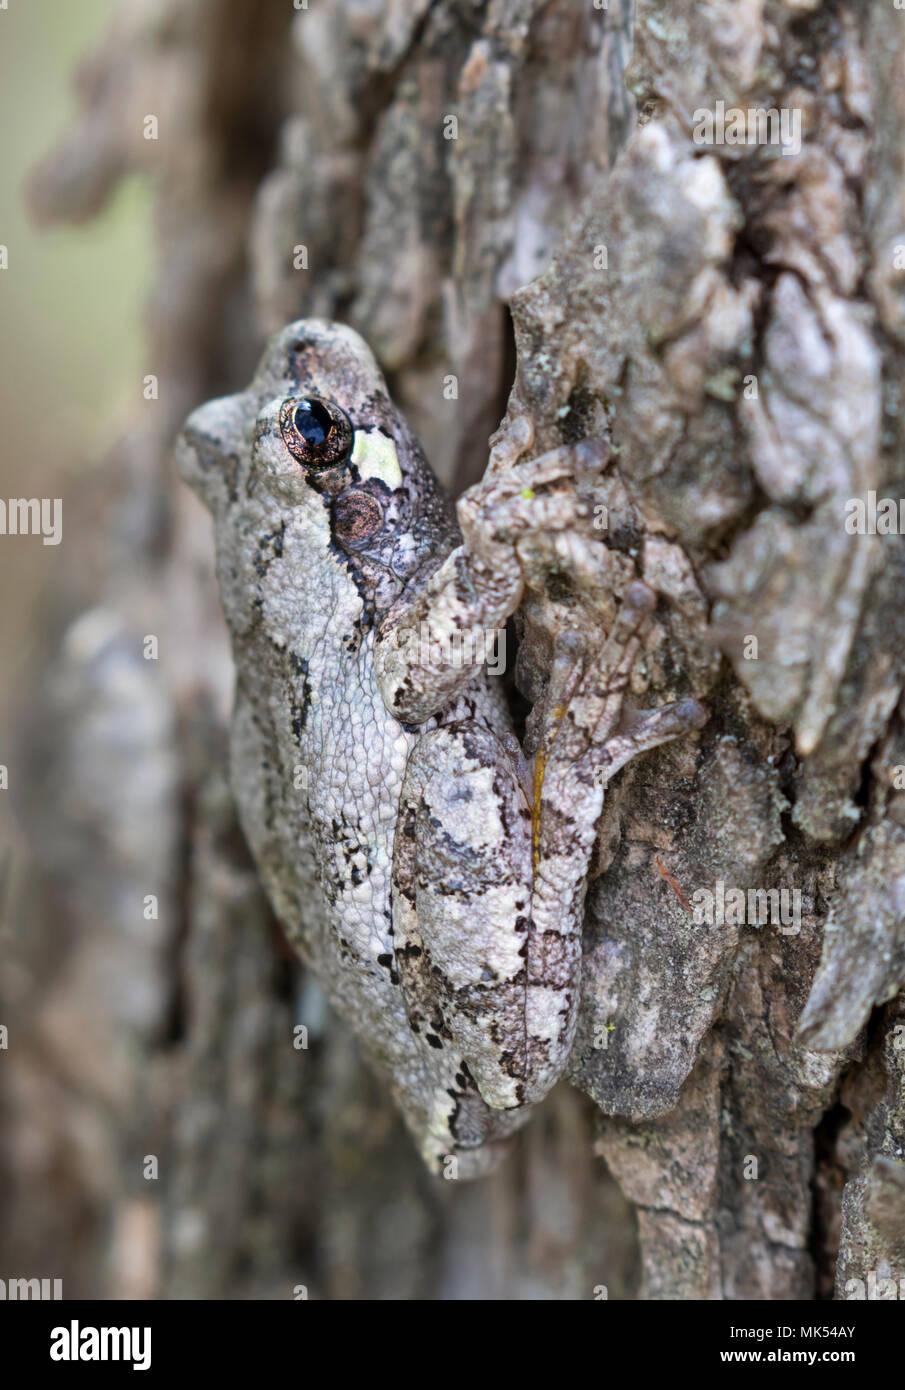 La rainette versicolore (Hyla versicolor) camouflant sur l'écorce d'orme, Iowa, États-Unis. Photo Stock